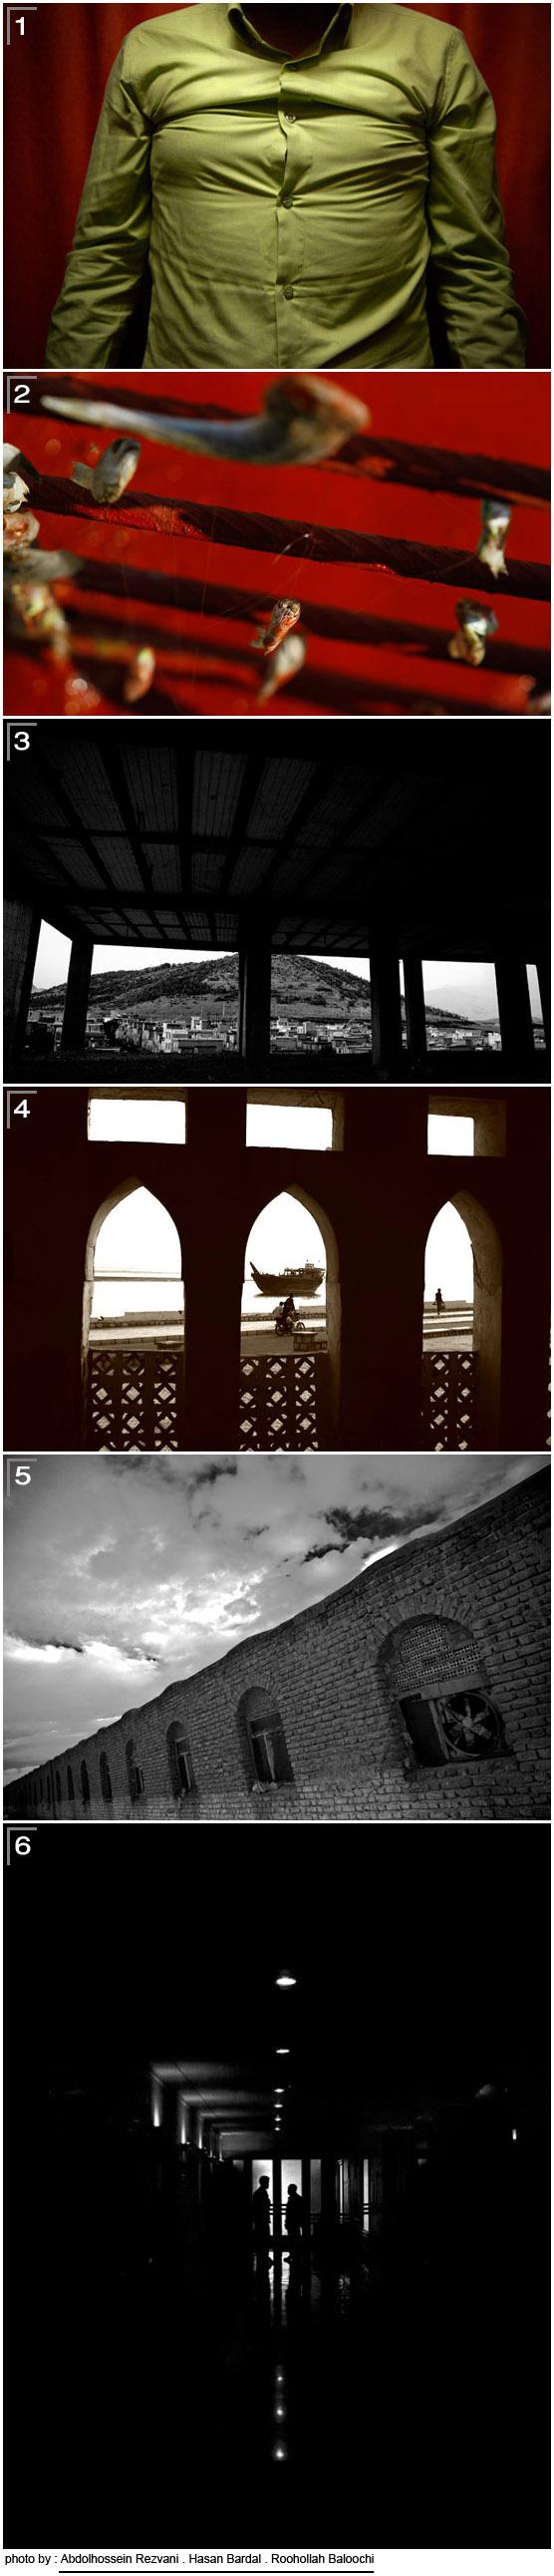 عکاس را شما انتخاب کنید